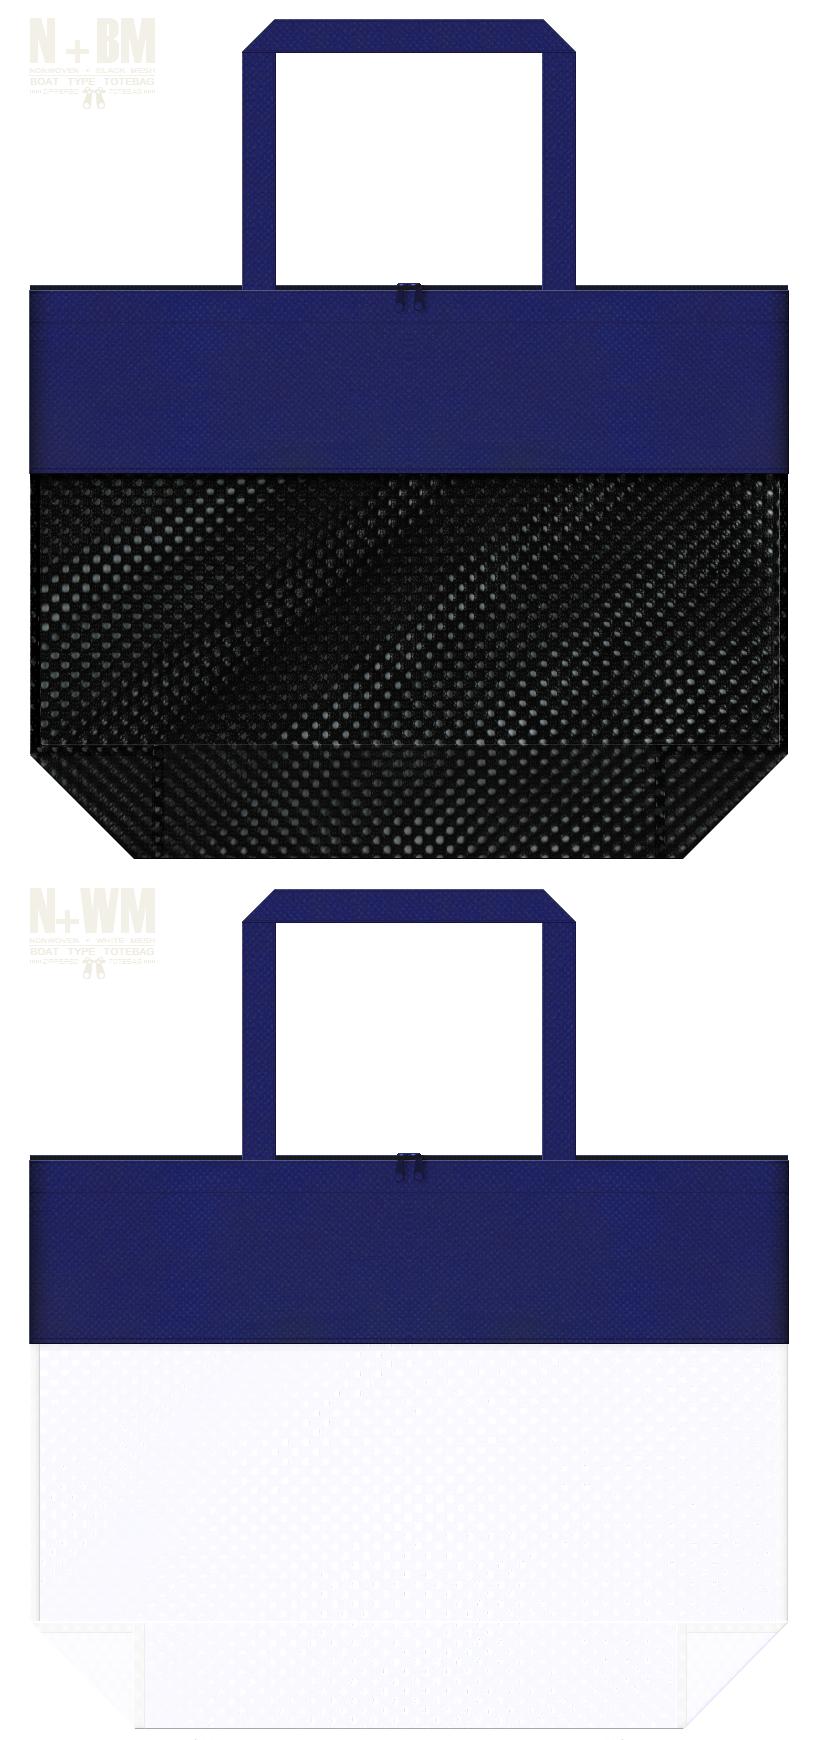 台形型メッシュバッグのカラーシミュレーション:黒色・白色メッシュと紺色不織布の組み合わせ